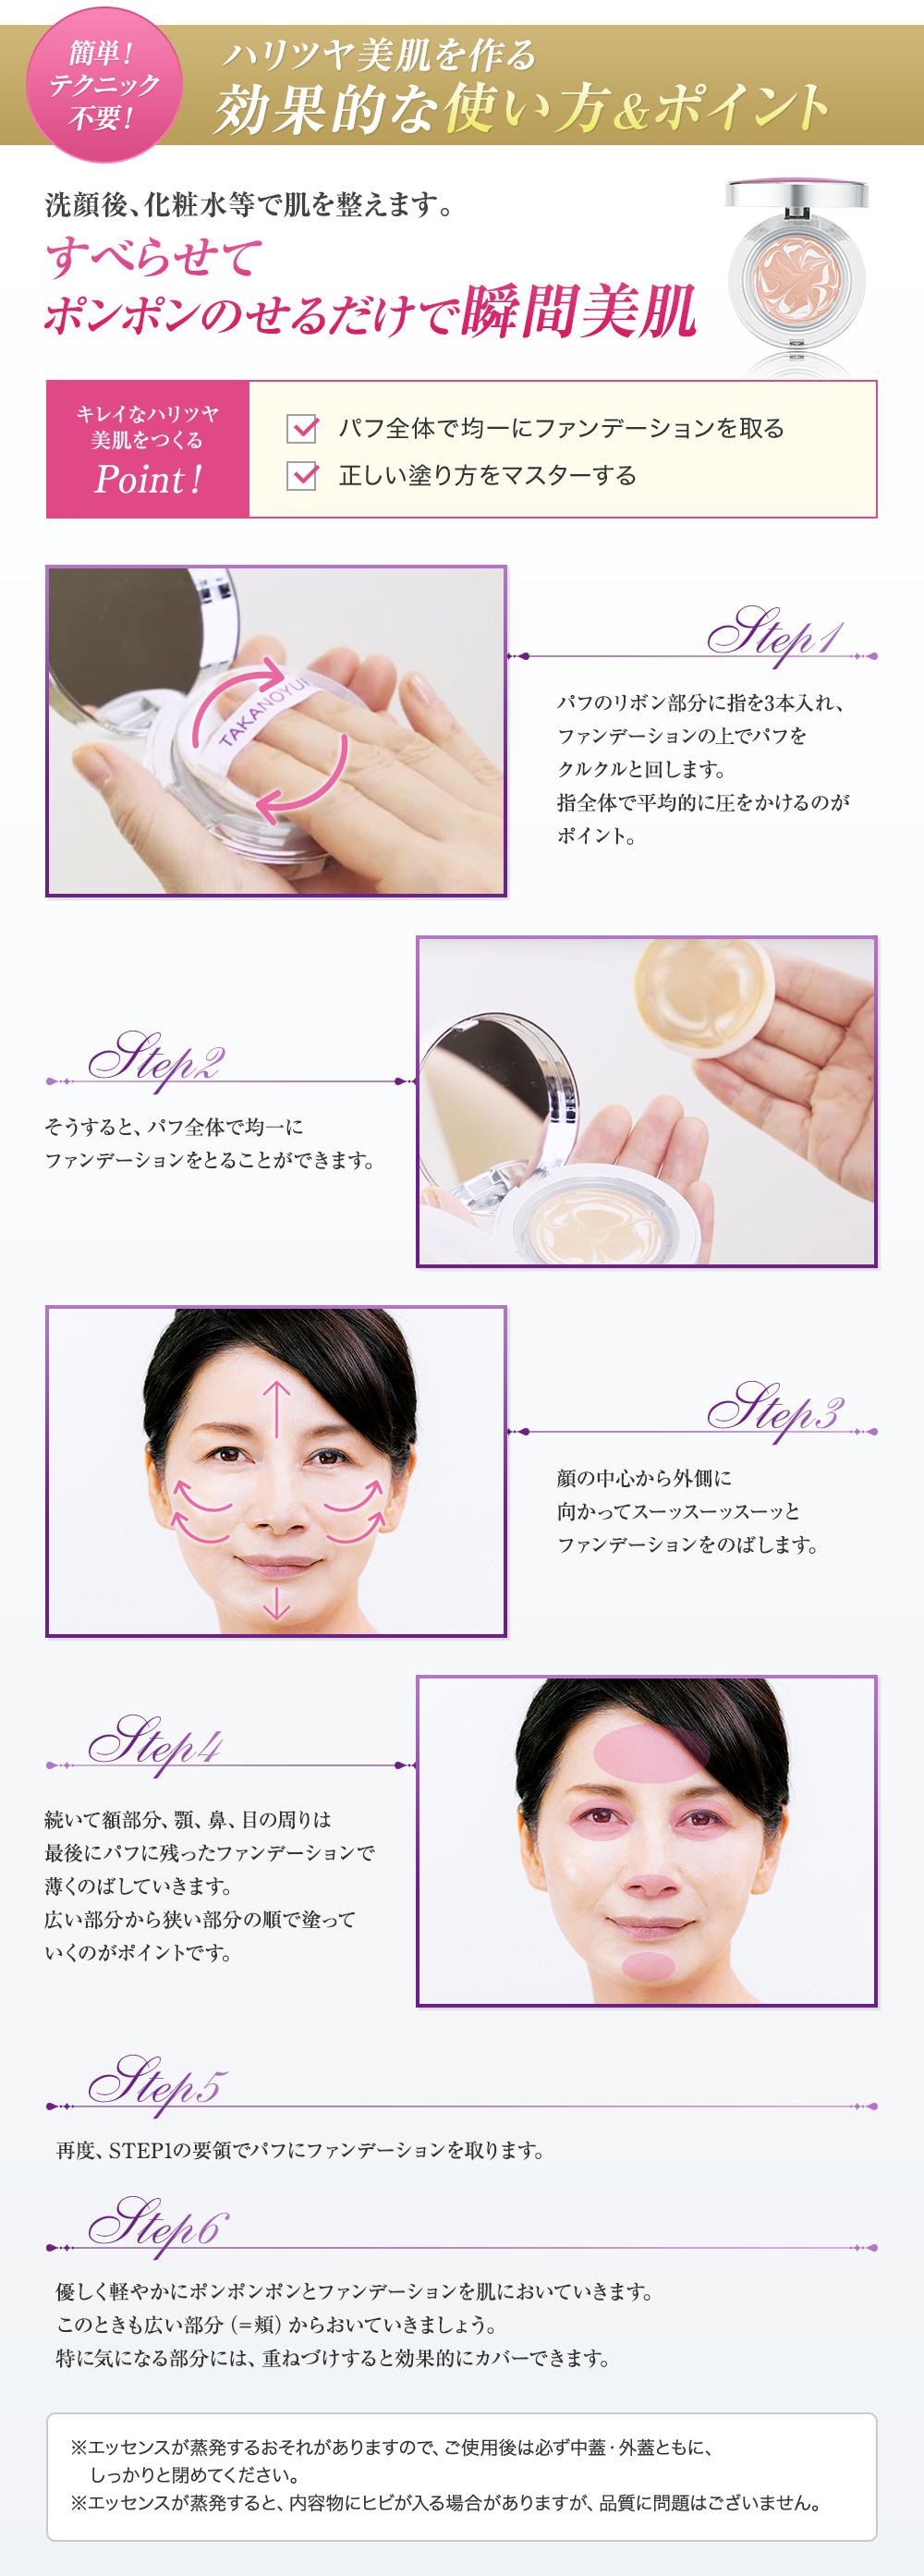 簡単!テクニック不要!ハリツヤ美肌を作る効果期な使い方&ポイント・・・洗顔後、化粧水等で肌を整えます。すべらせてポンポンのせるだけで瞬間美肌!